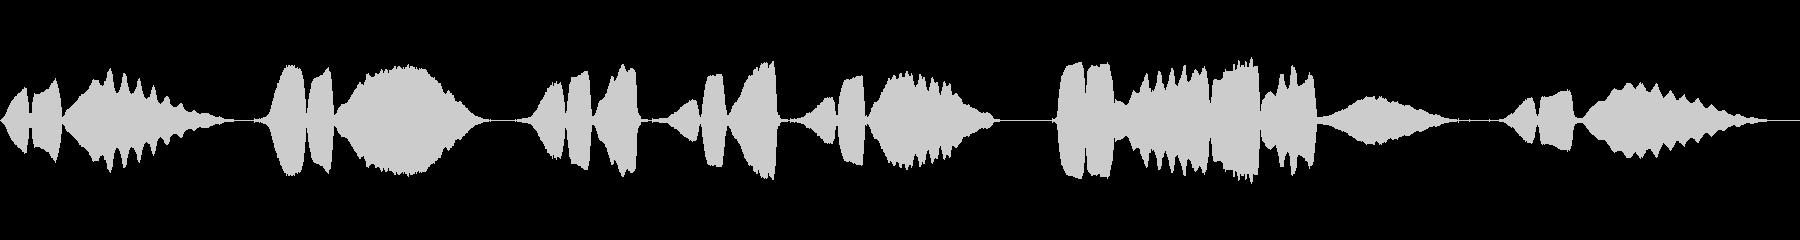 ハーモニカ:ラストポスト、ローレジ...の未再生の波形